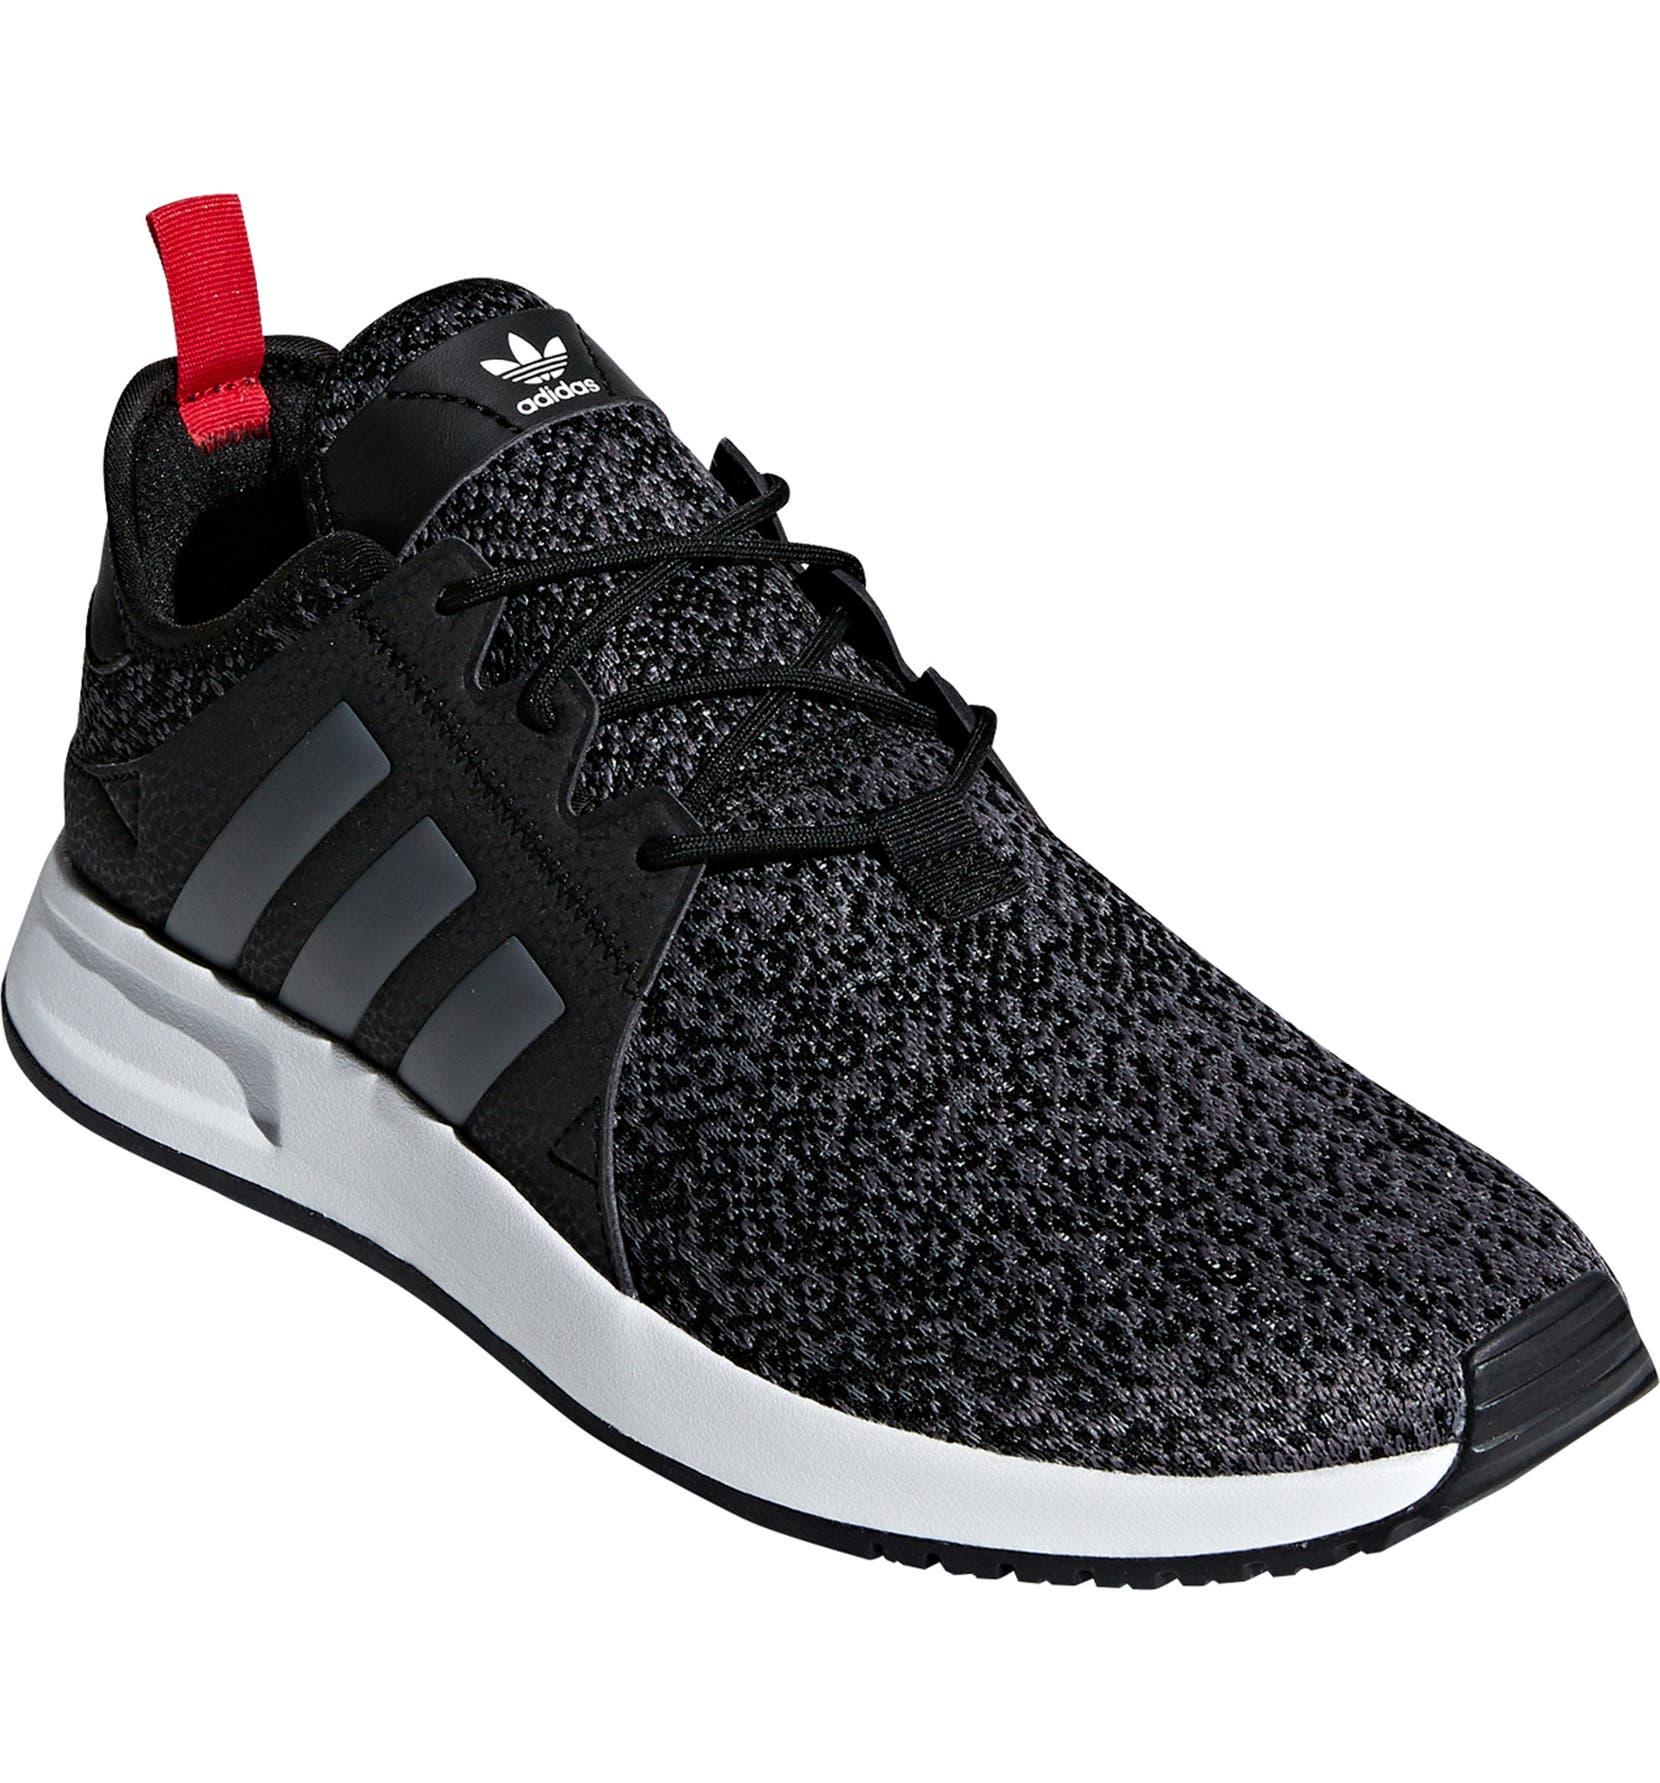 Adidas X men Sneaker Nordstrom plr TrdtqUwT 3138a79fc6e